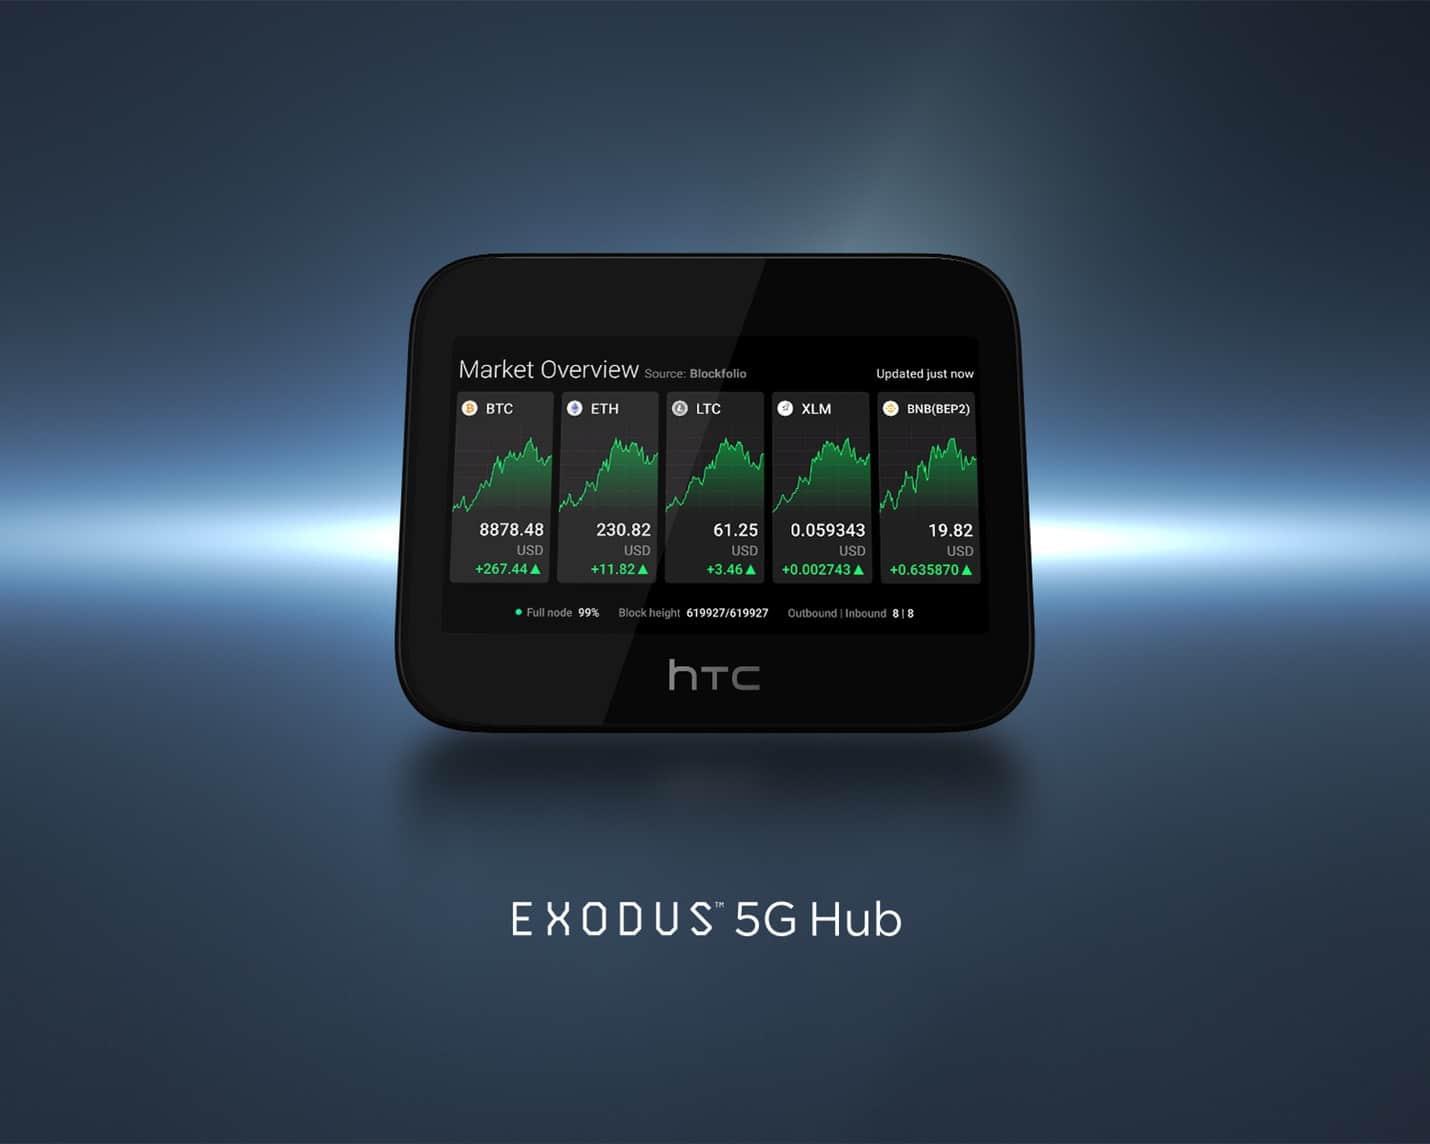 HTC lancia il router privato EXODUS 5G Hub con full node Bitcoin